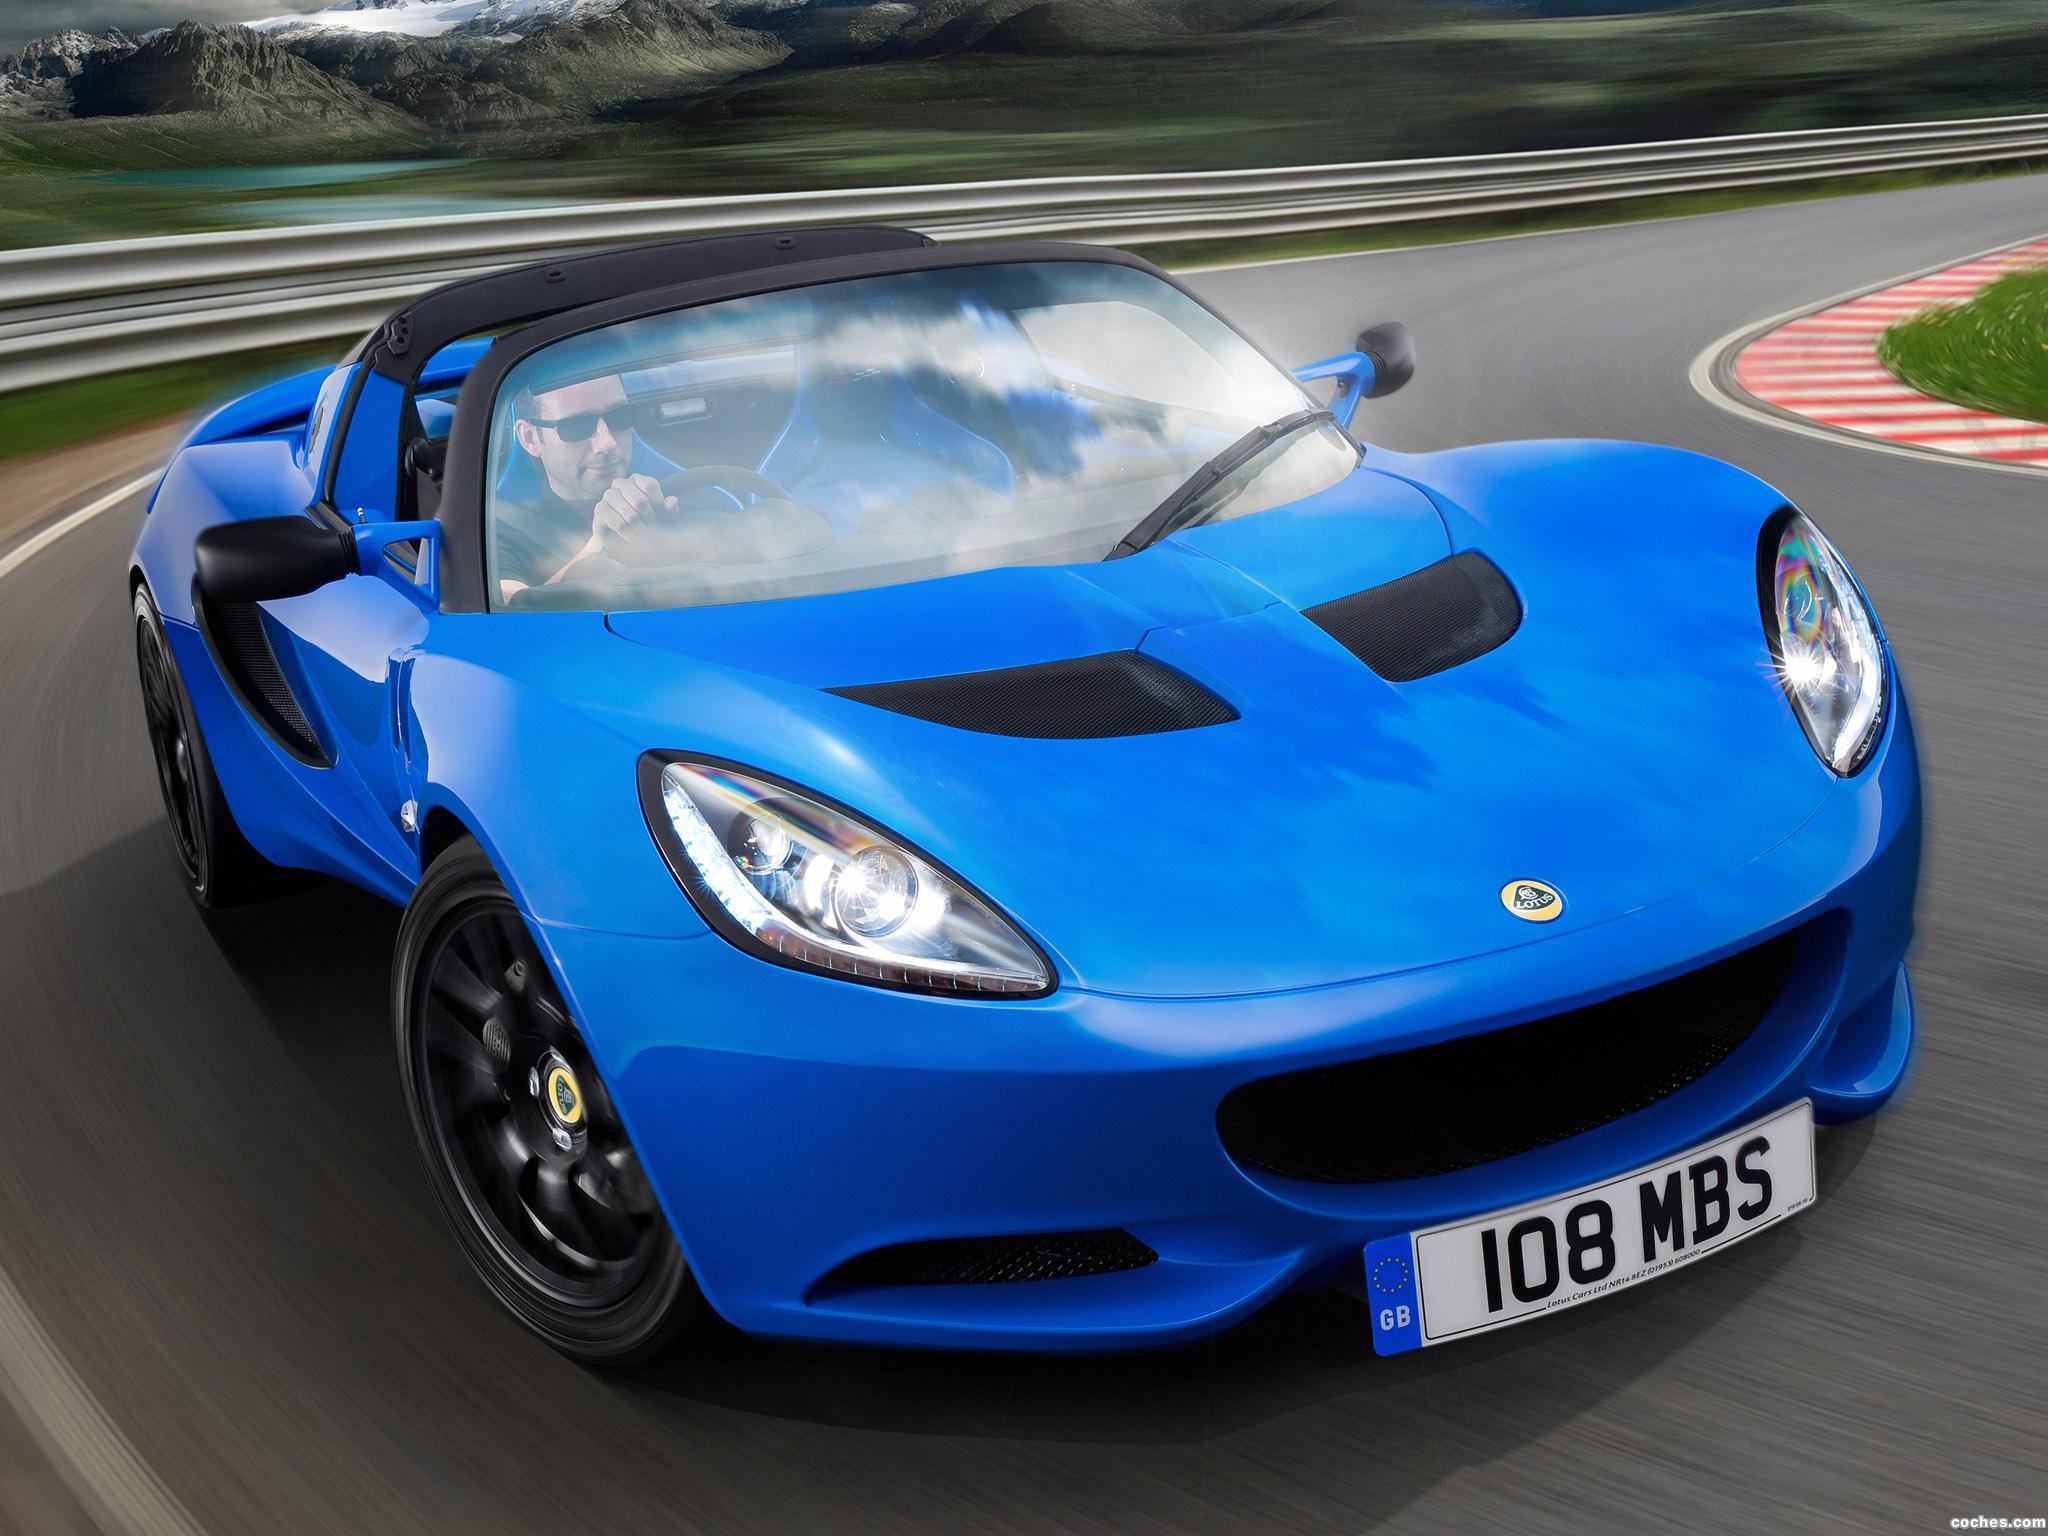 Foto 0 de Lotus Elise S Club Racer 2013